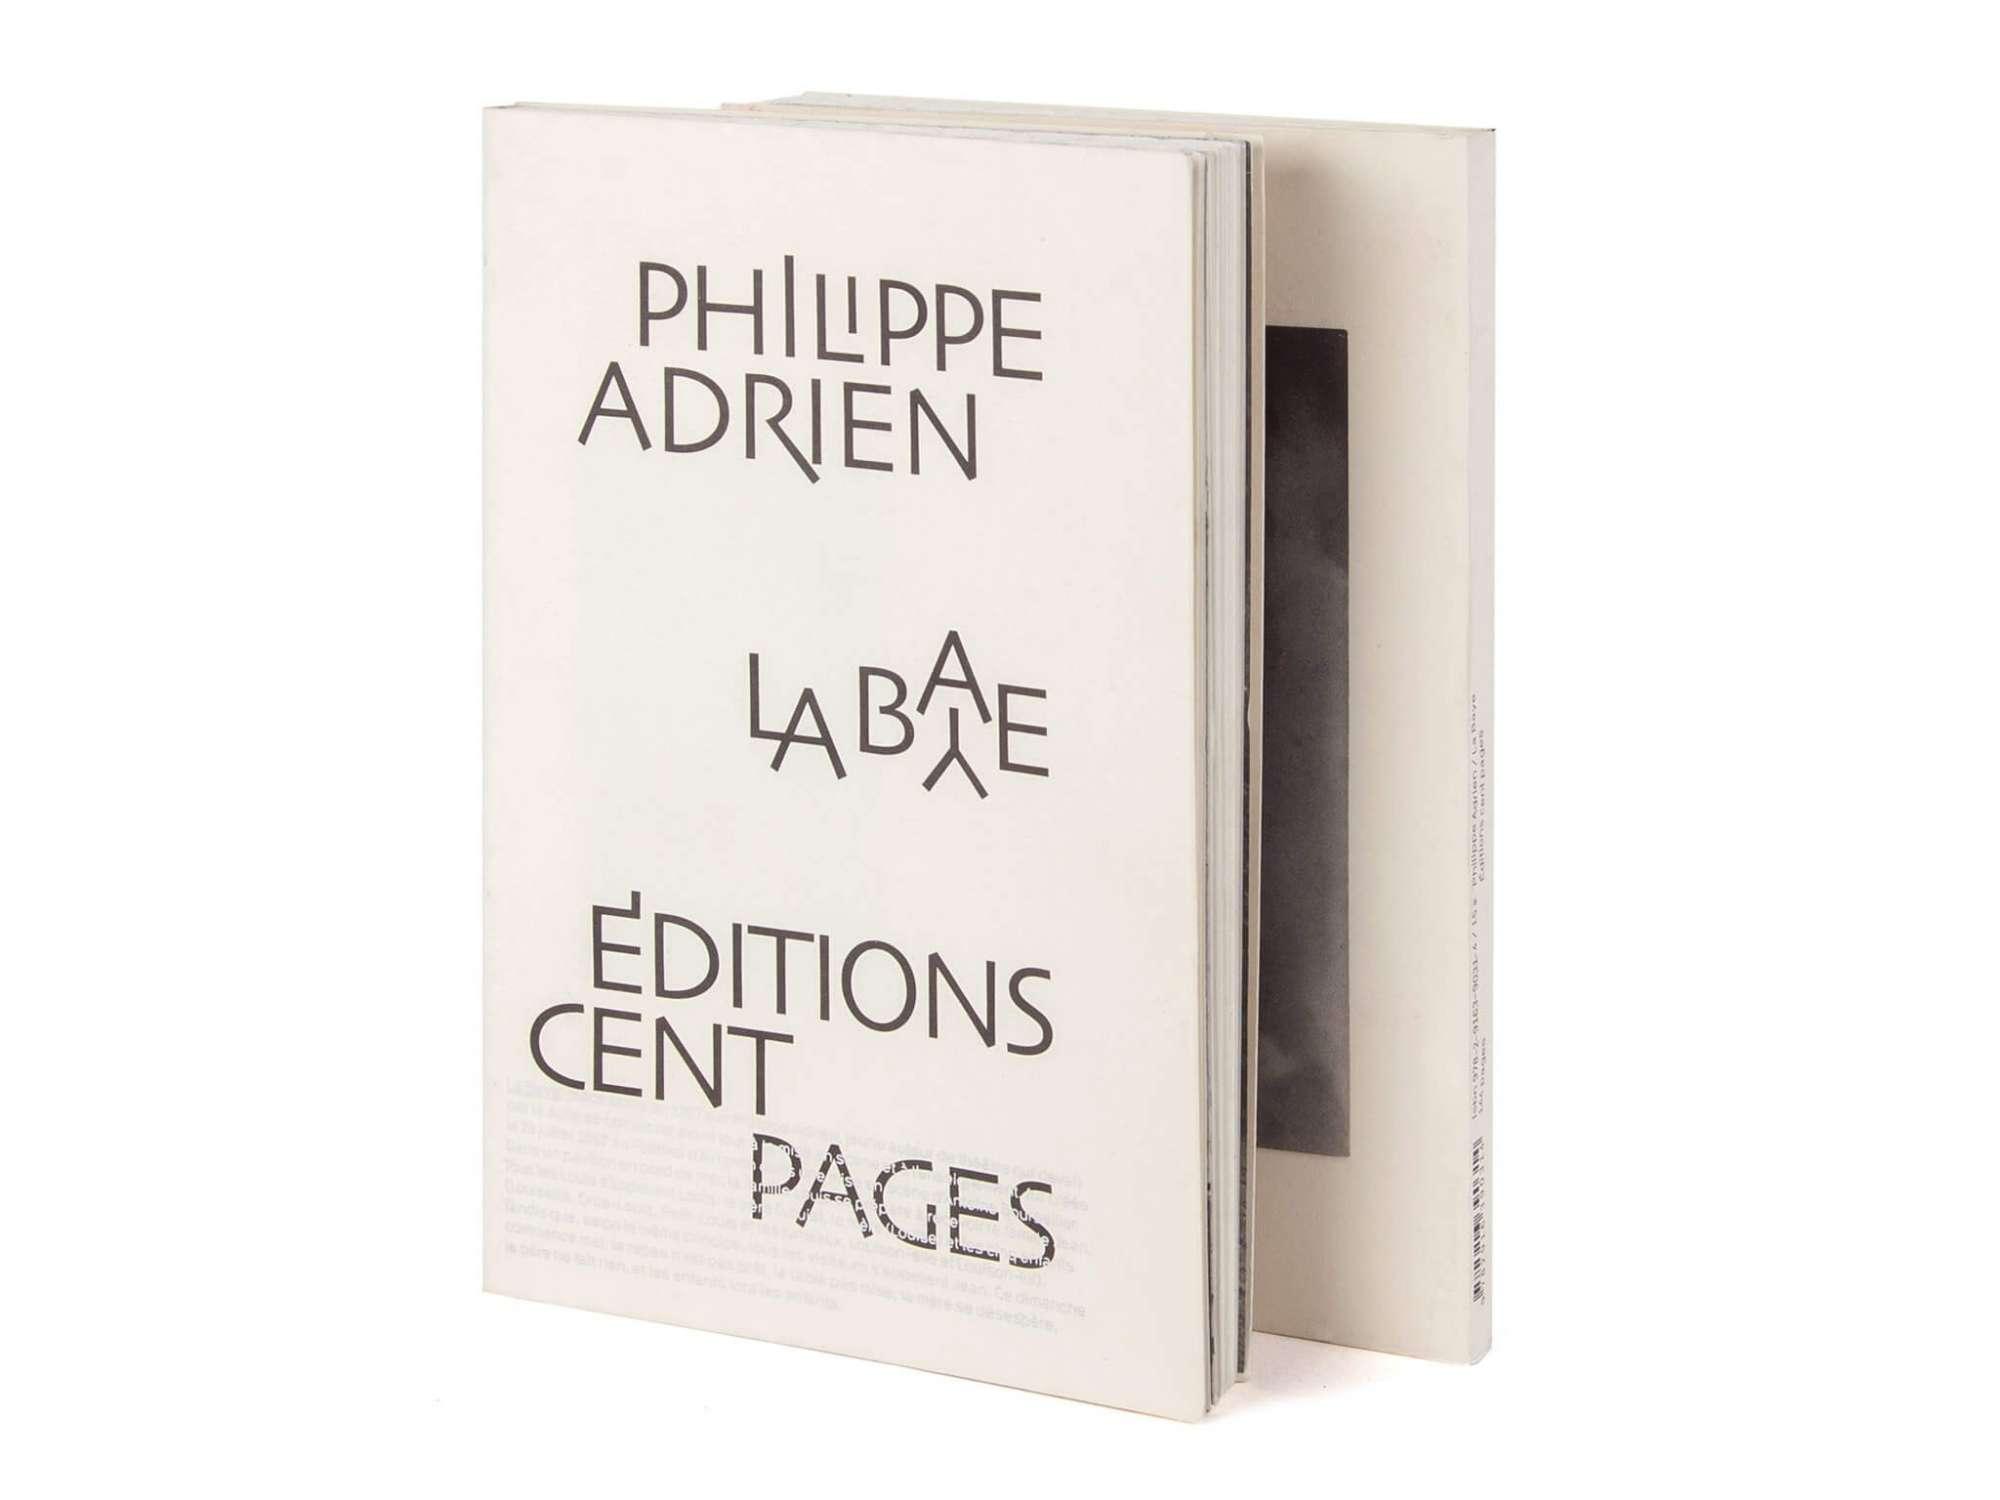 Philippe Adrien - La baye